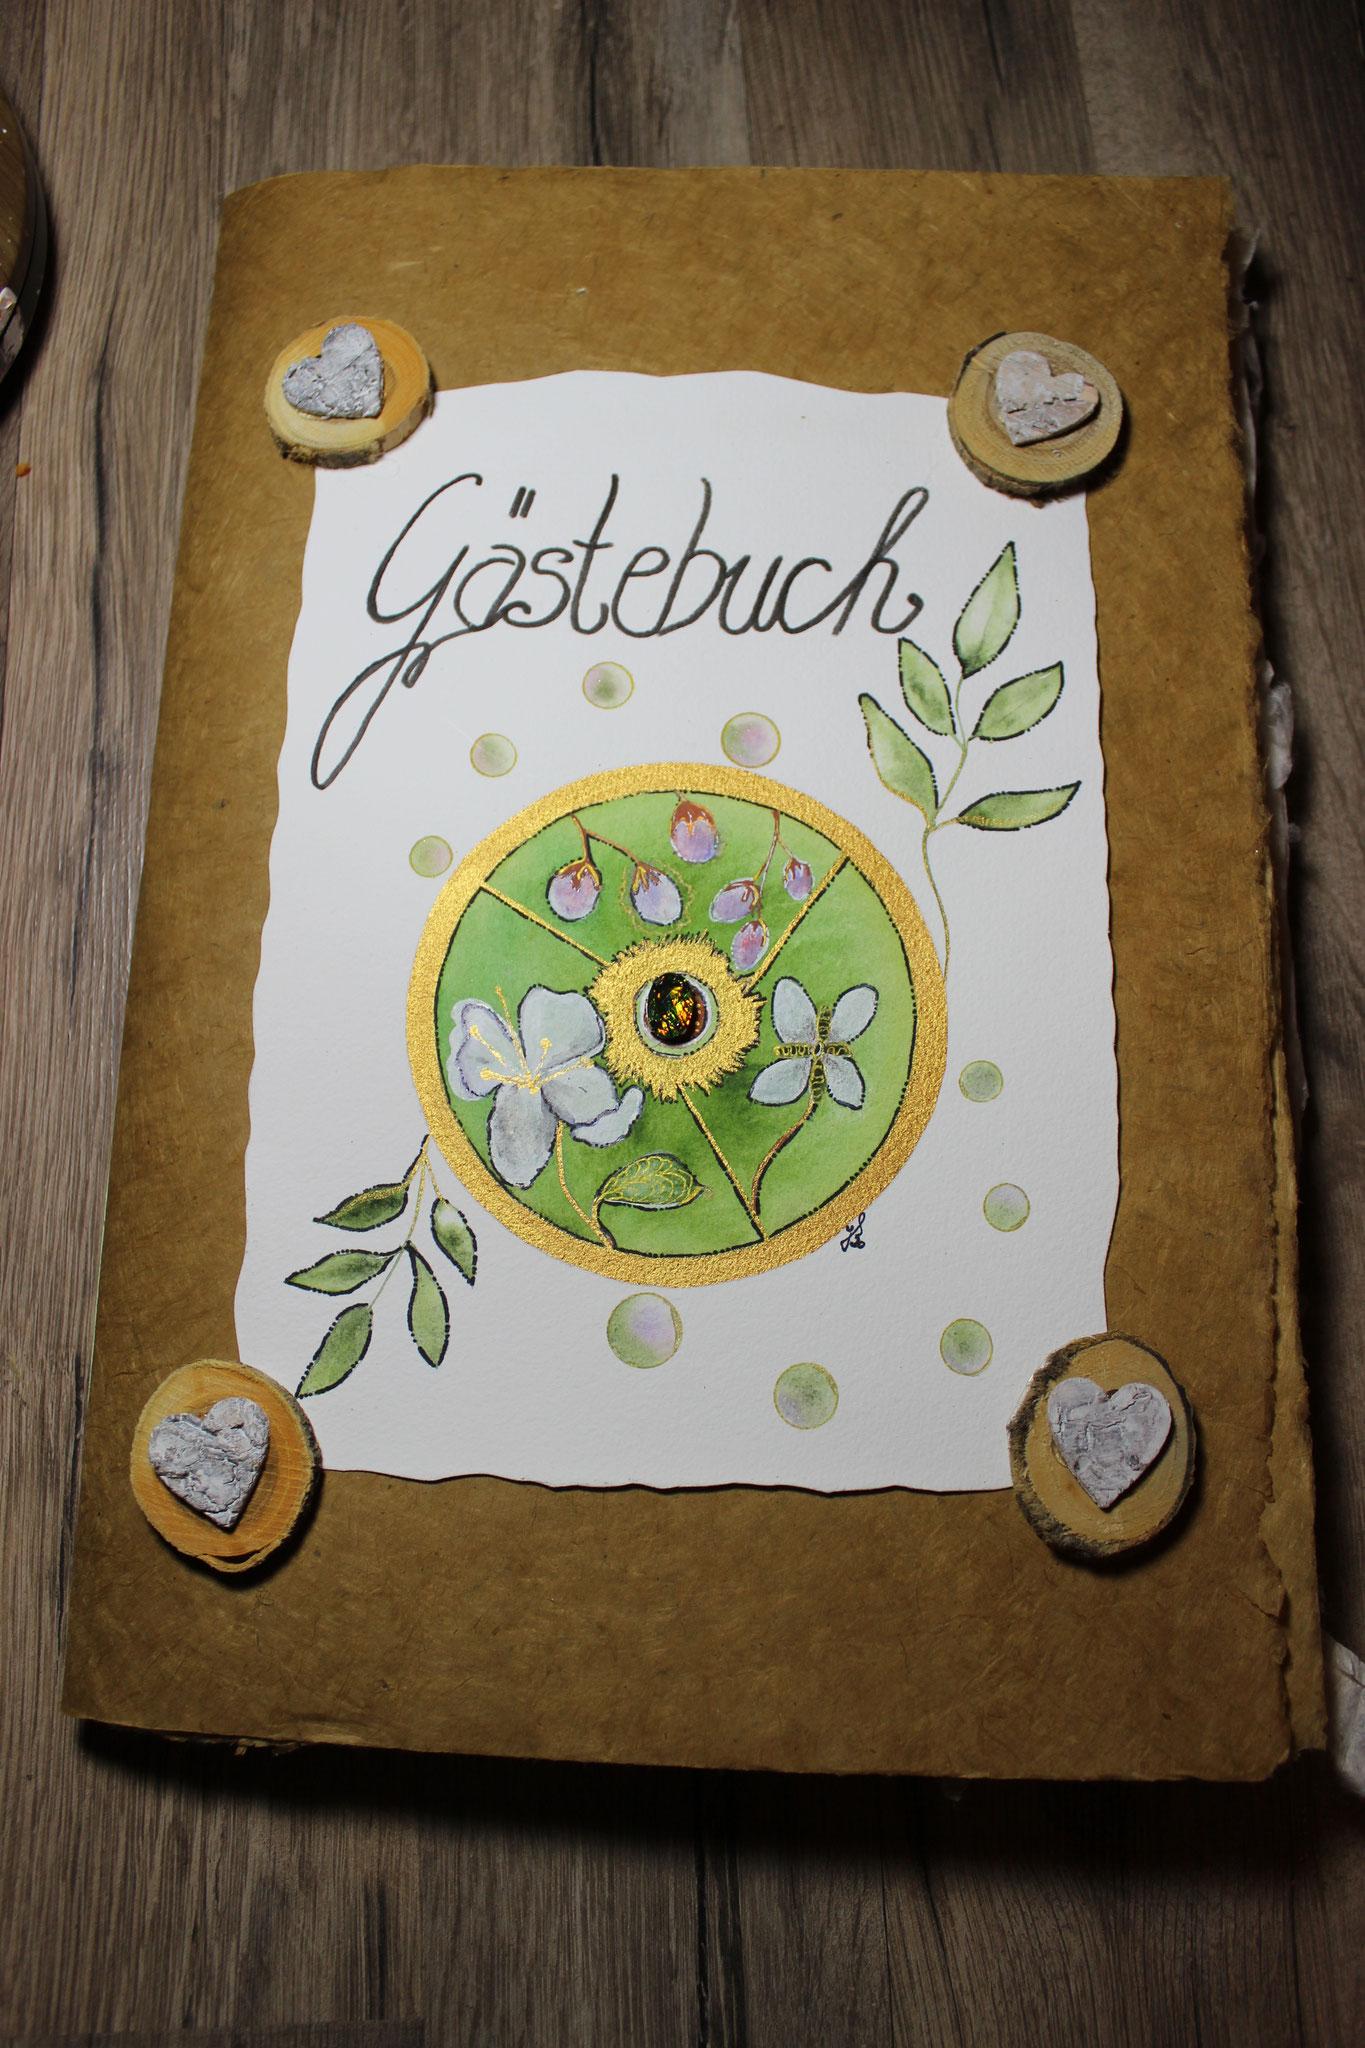 Gästebuch Coverblatt